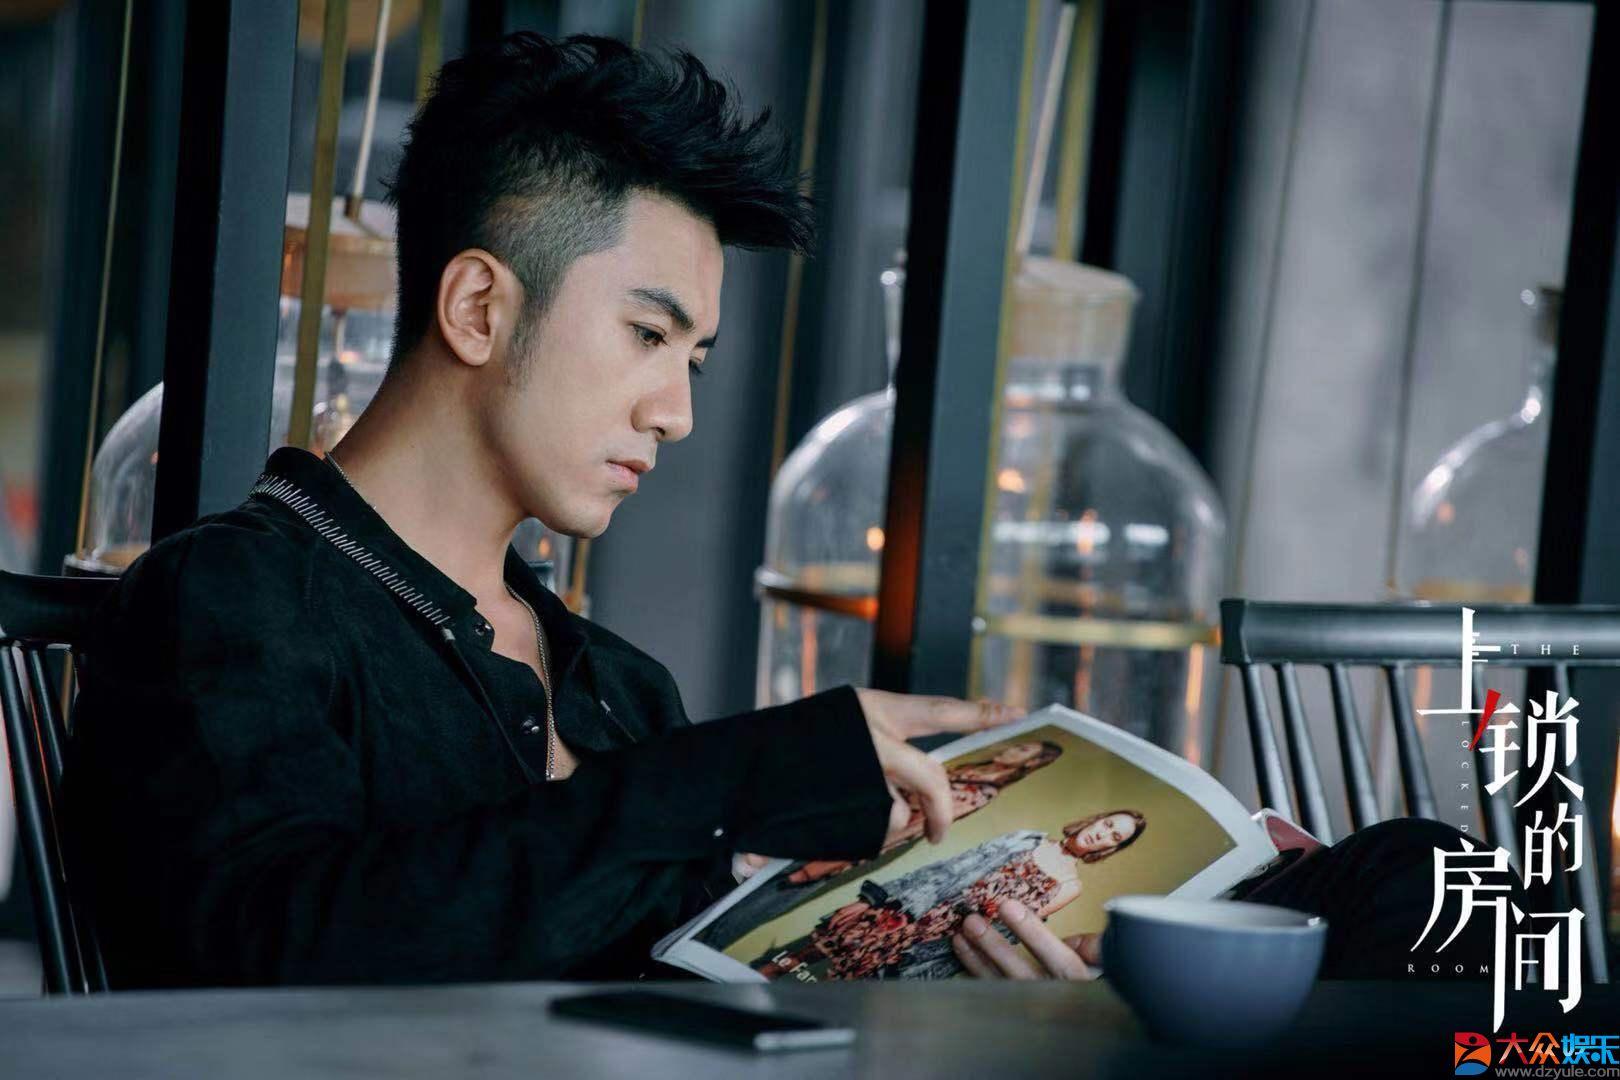 《上锁的房间》 热播 肖顺尧带感演绎反派李琰俊获认可